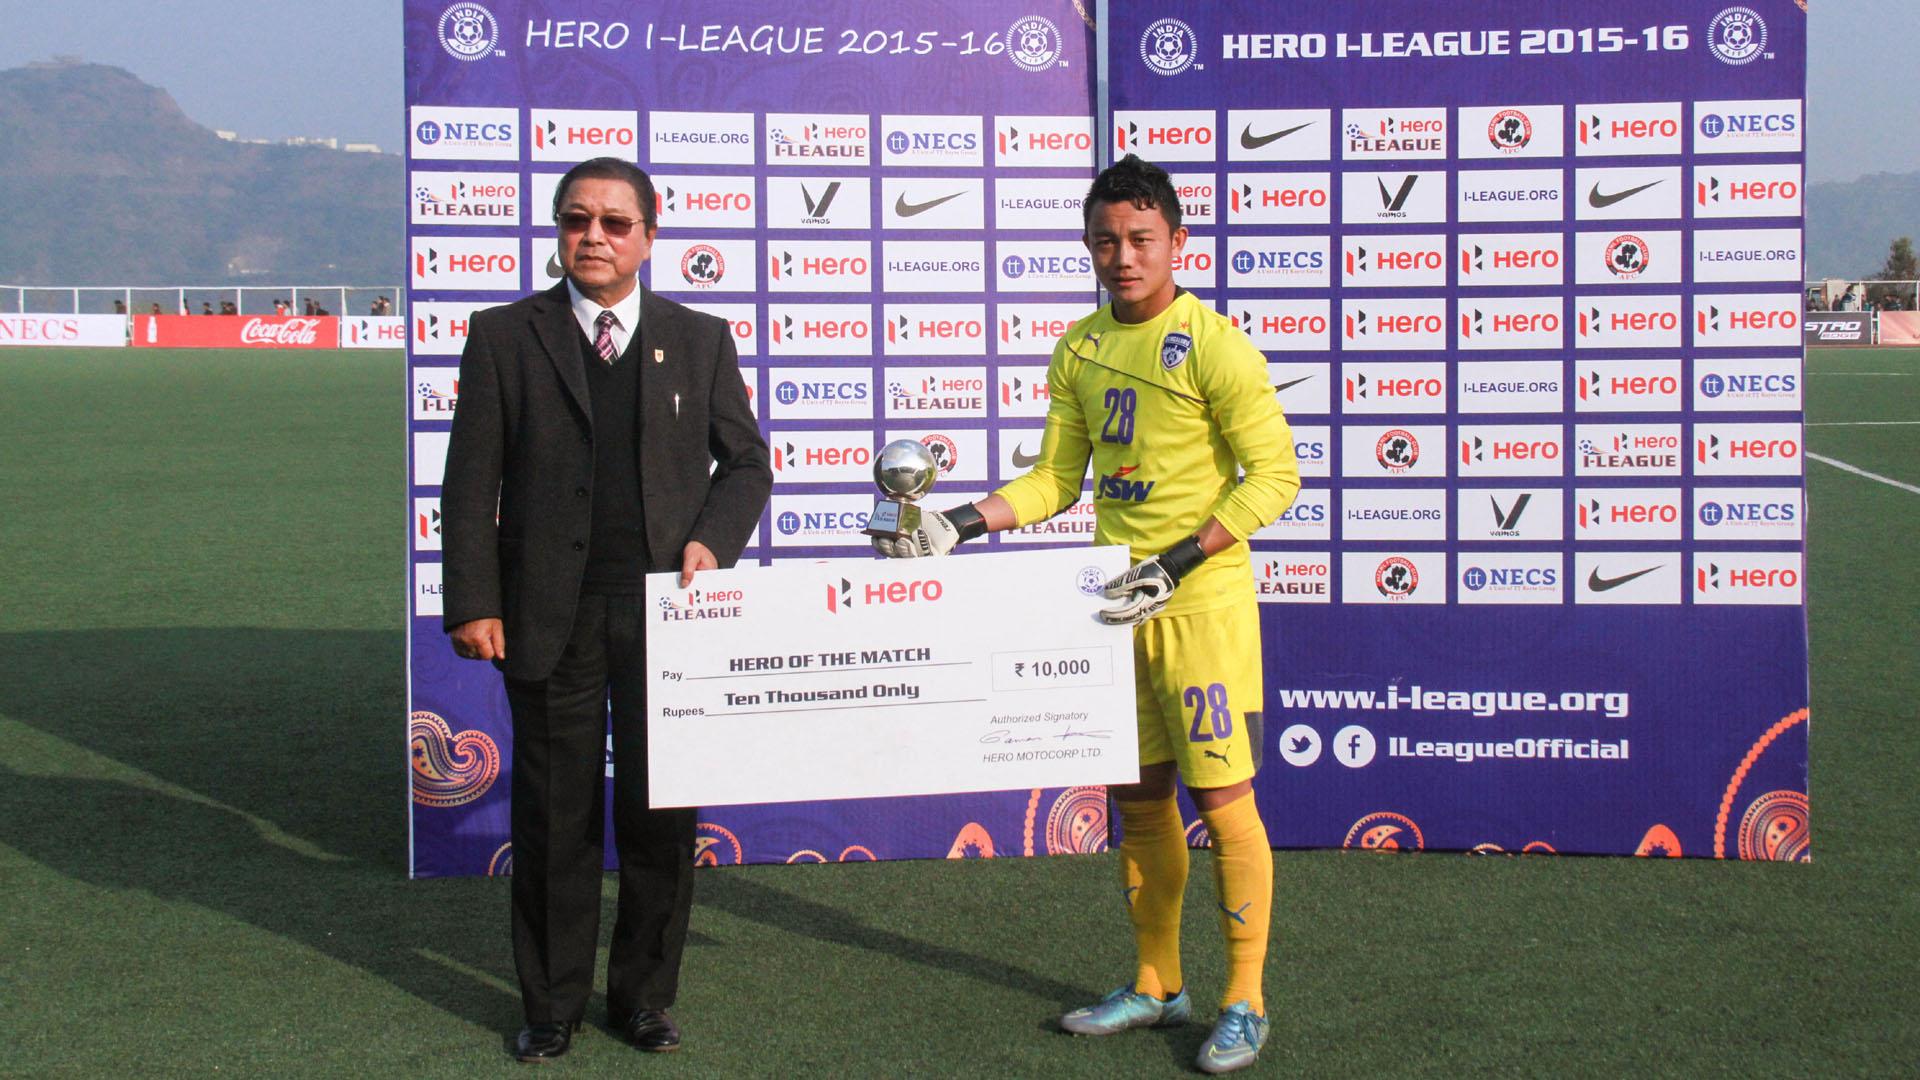 Bengaluru FC coach Roca rues missed opportunity in AFC Final